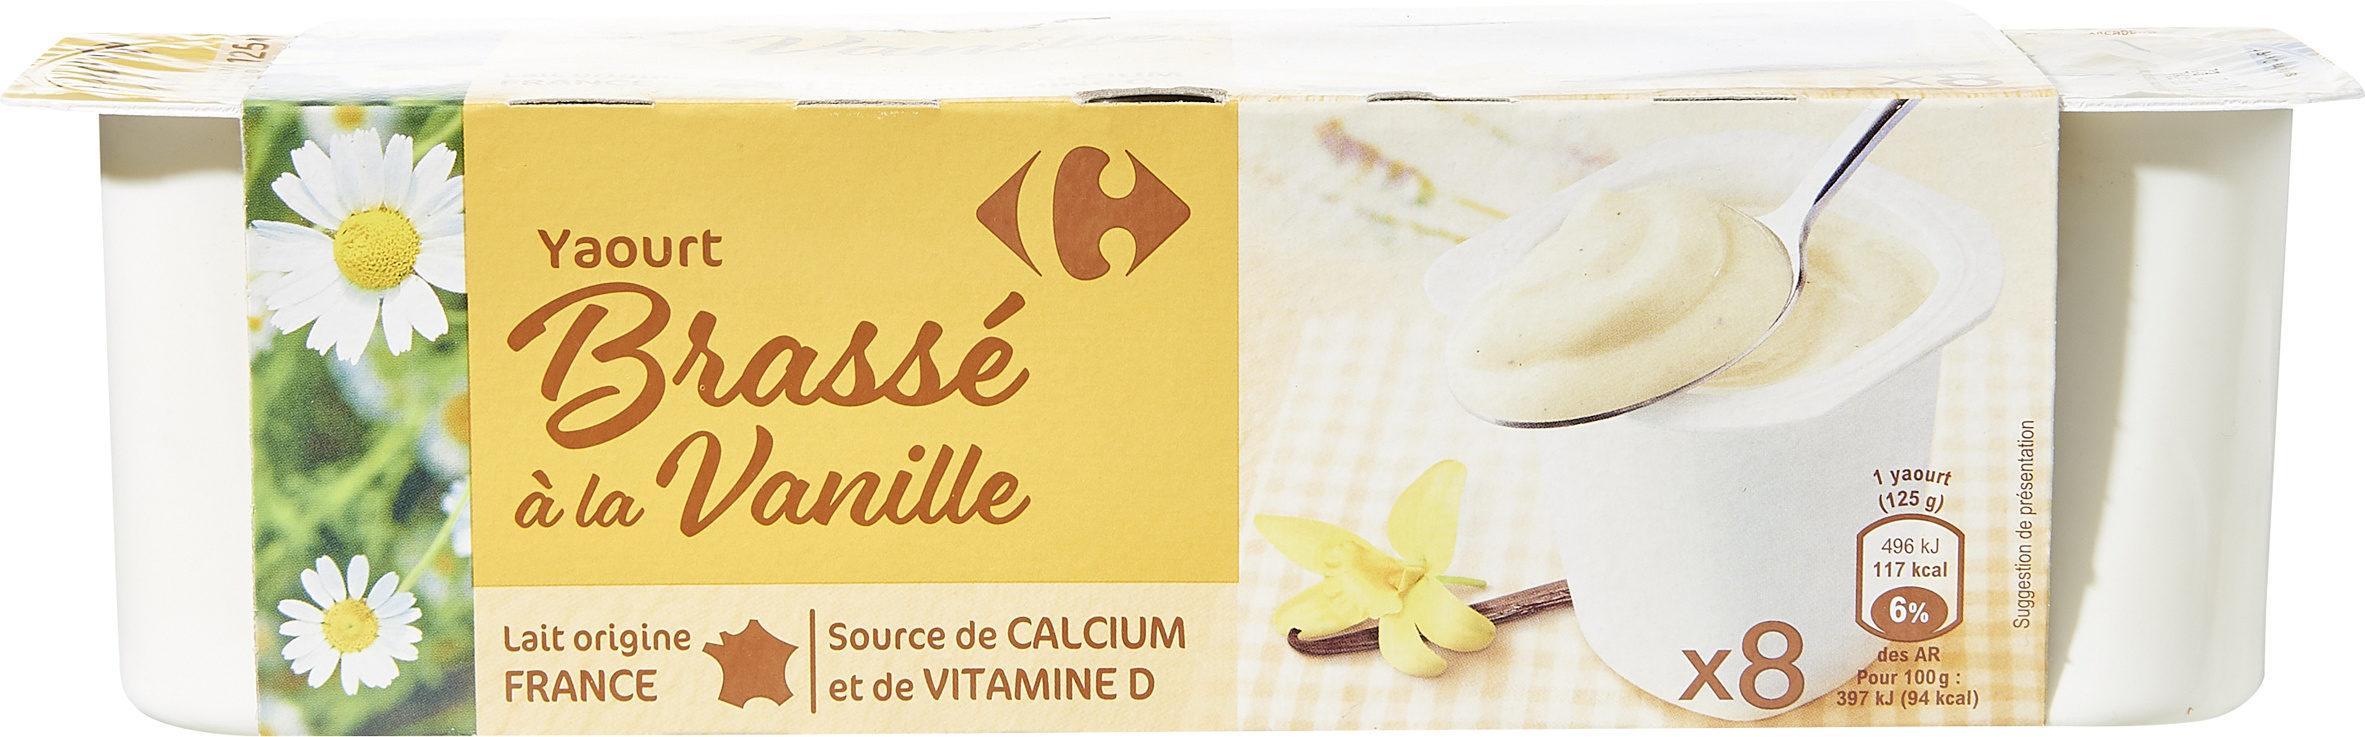 Yaourt brassé à la vanille - Product - fr